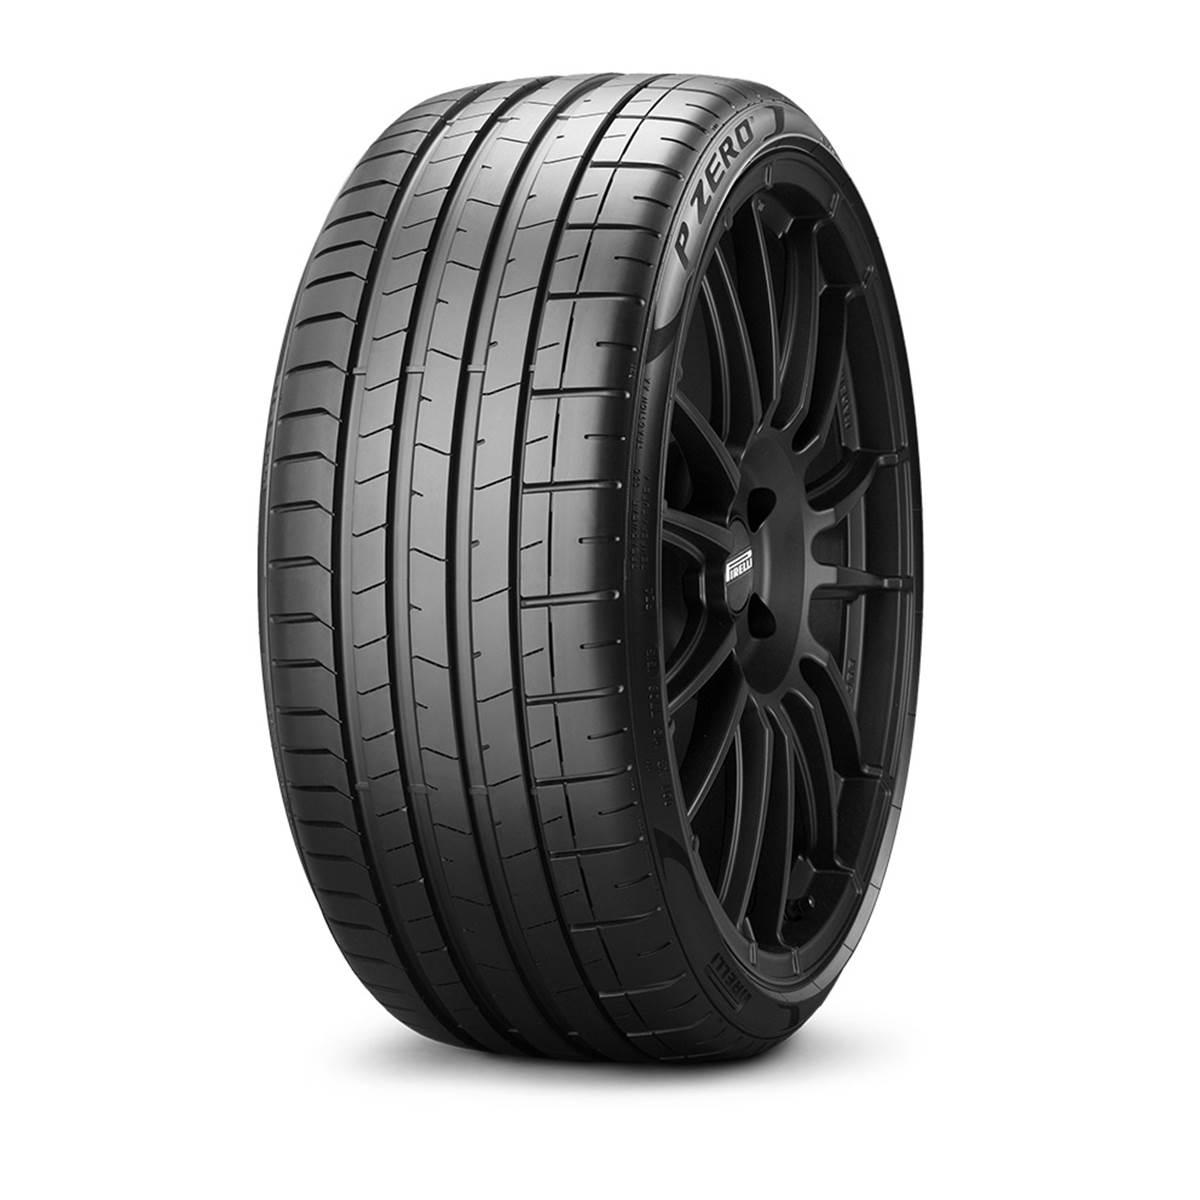 Pneu Pirelli 275/30R19 96Y Pzero XL